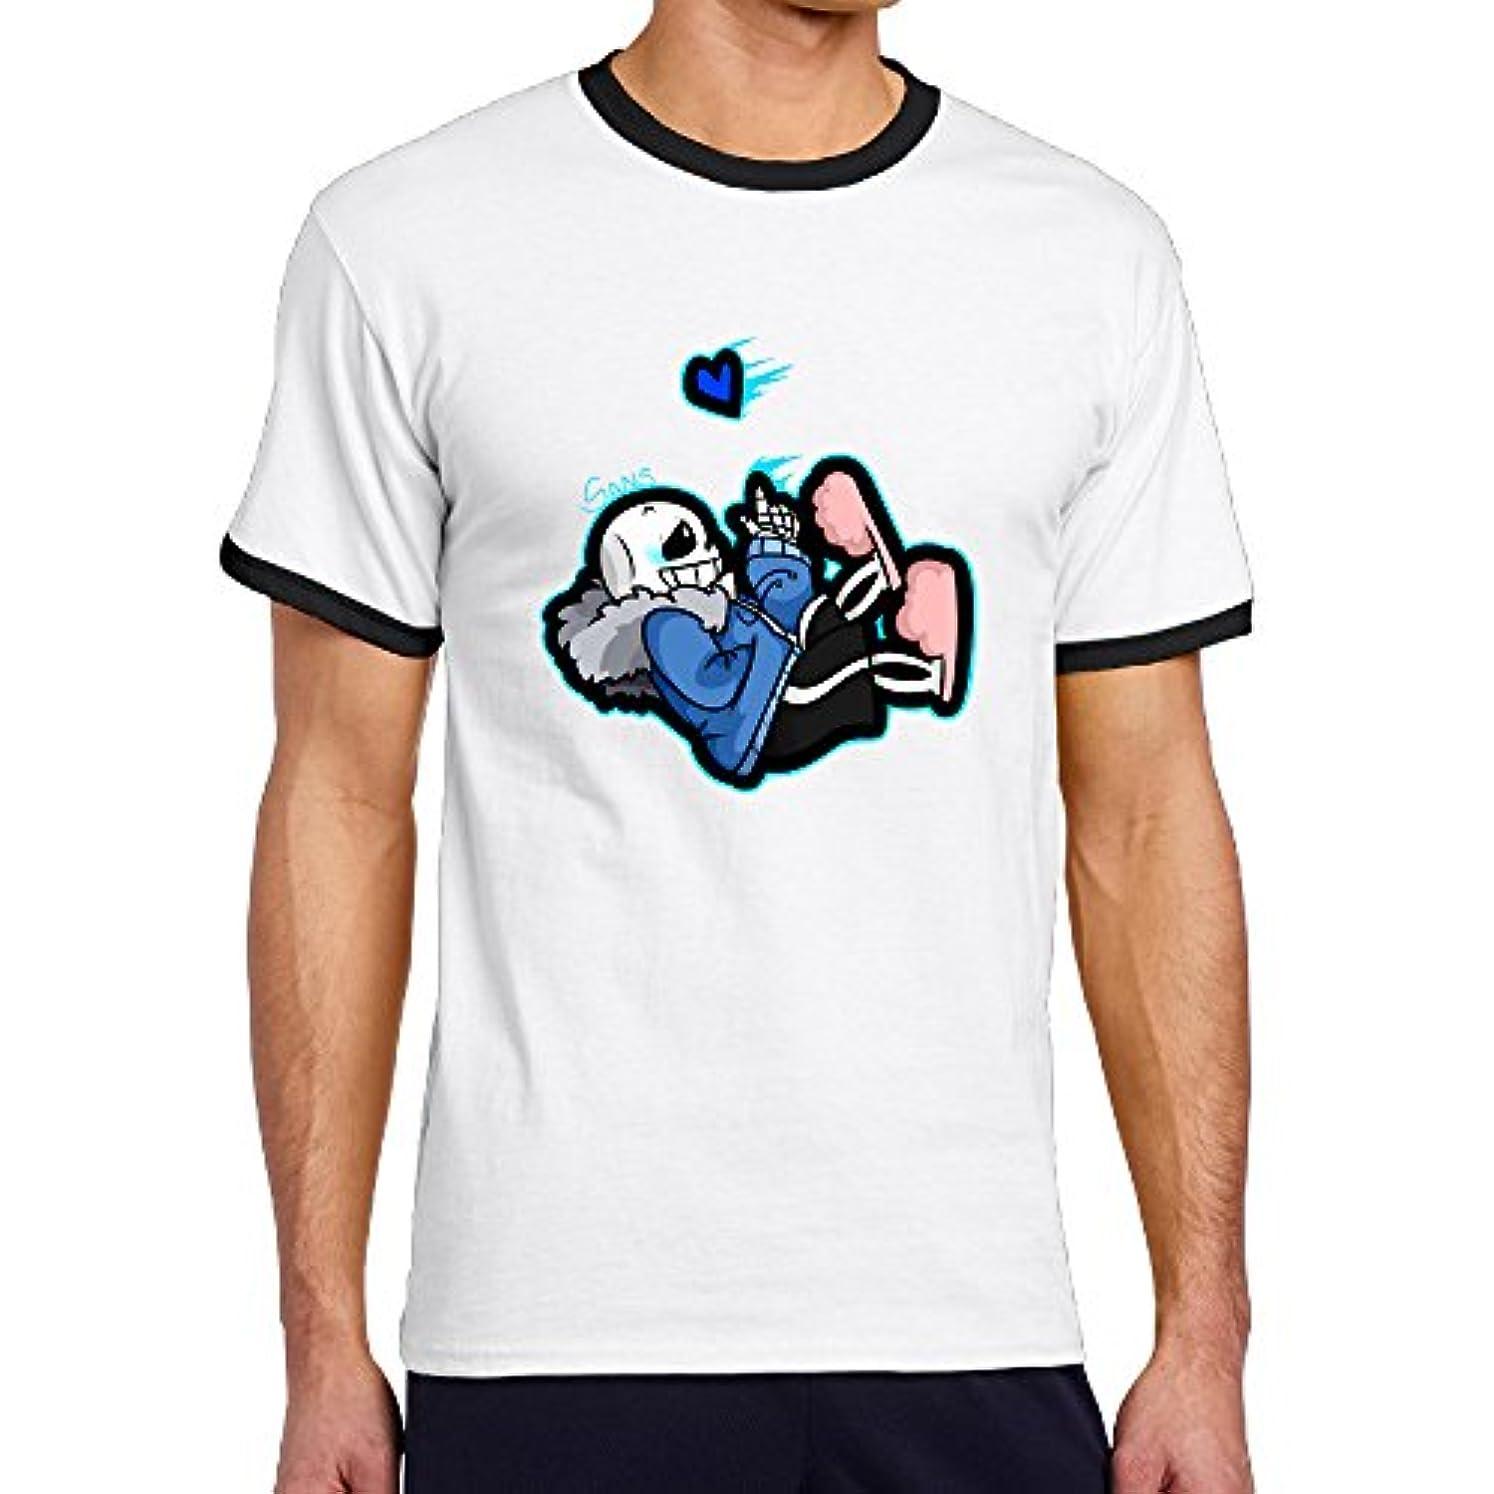 維持テンポバングラデシュAries メンズ リンガー Tシャツ 半袖 アンダーテール Undertale サンズ Sans ゲーム